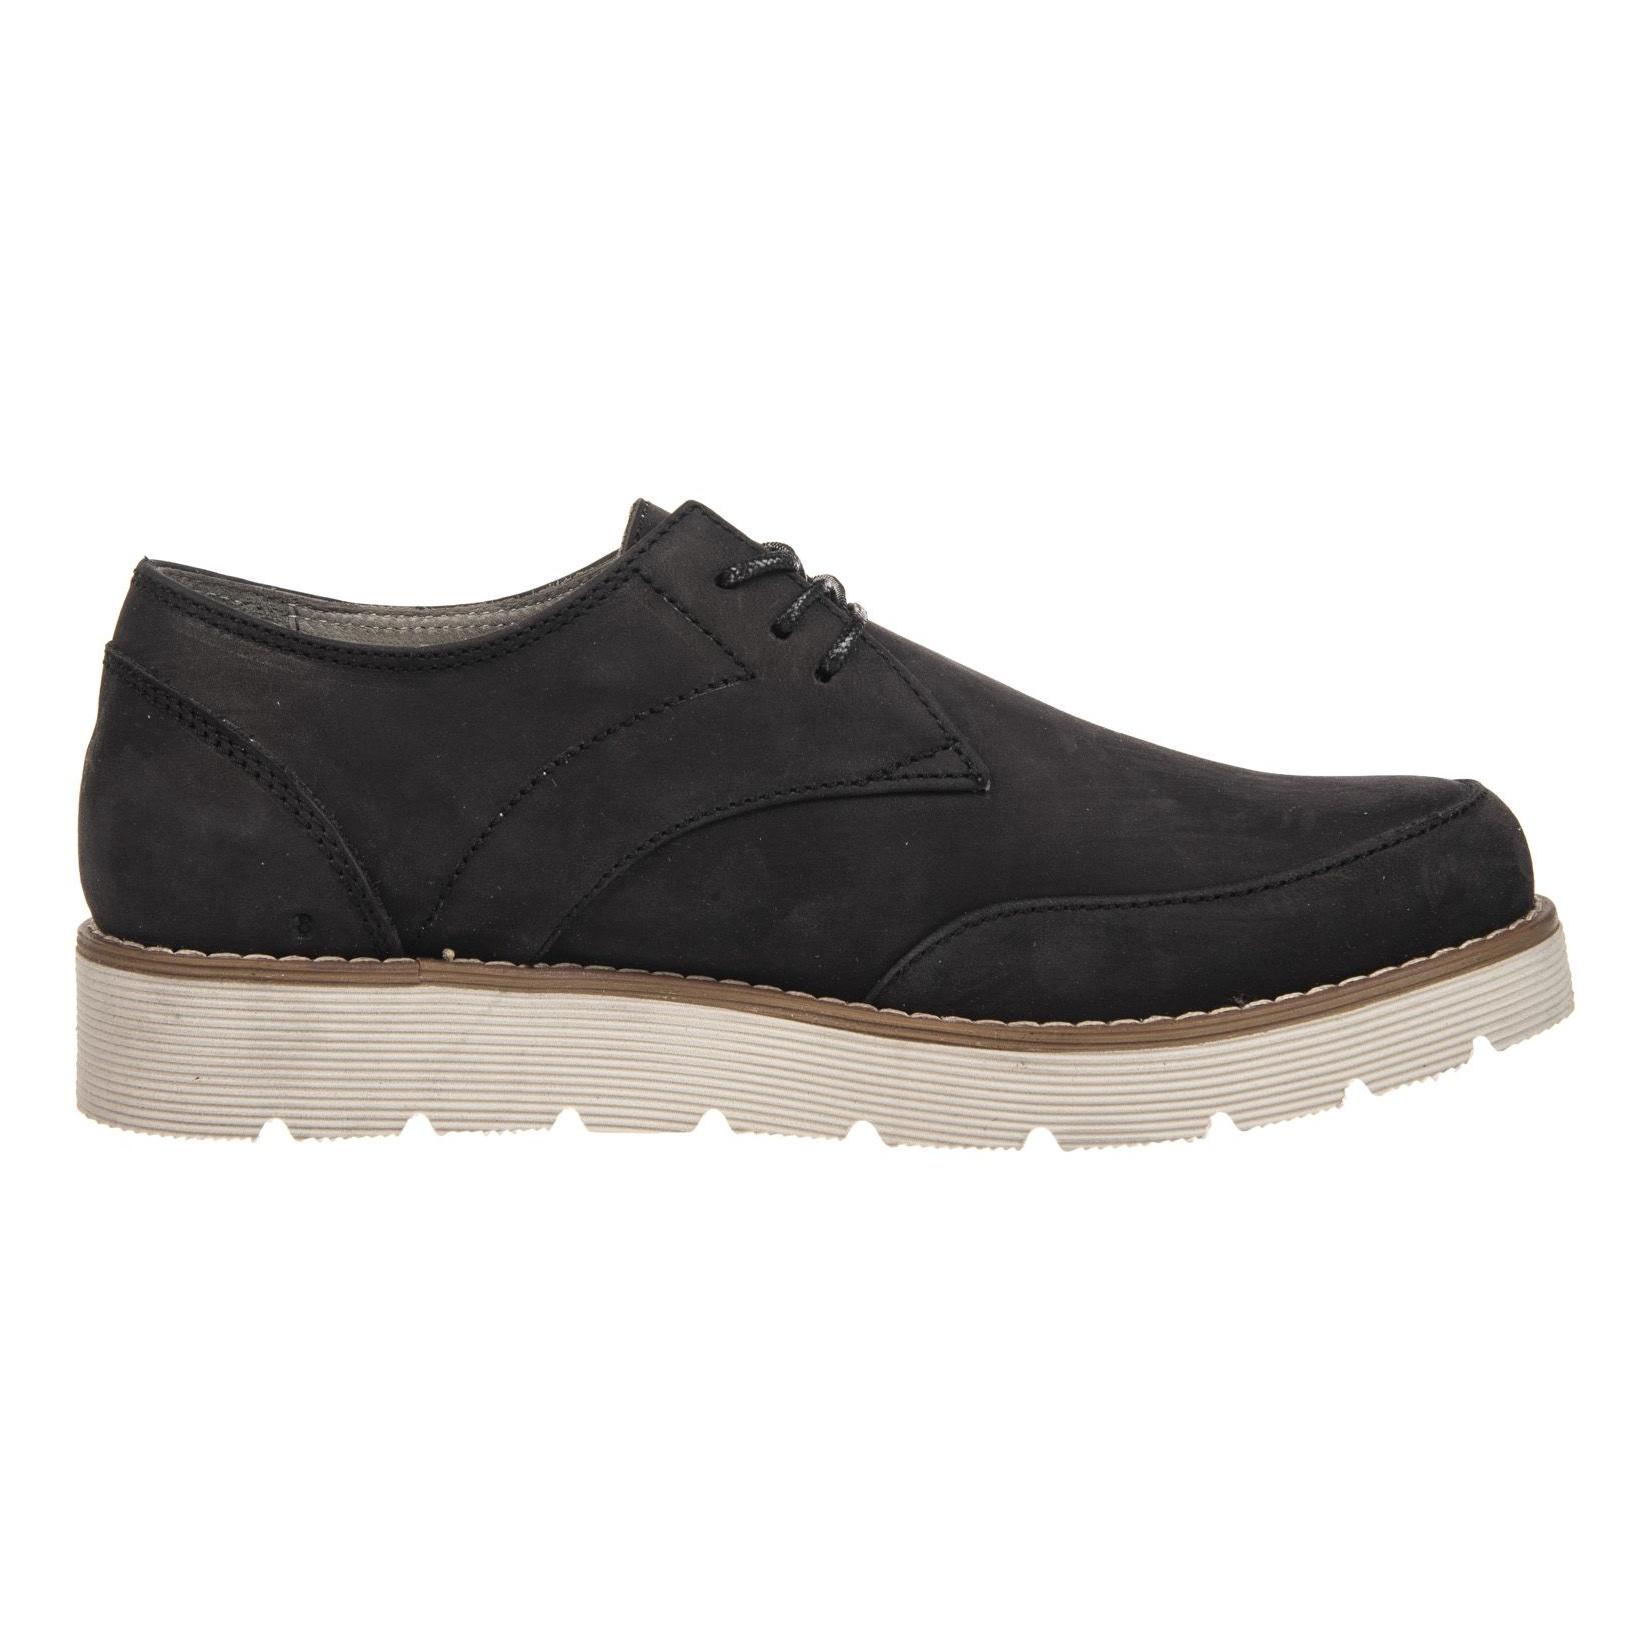 کفش زنانه پانیسا مدل 700-02